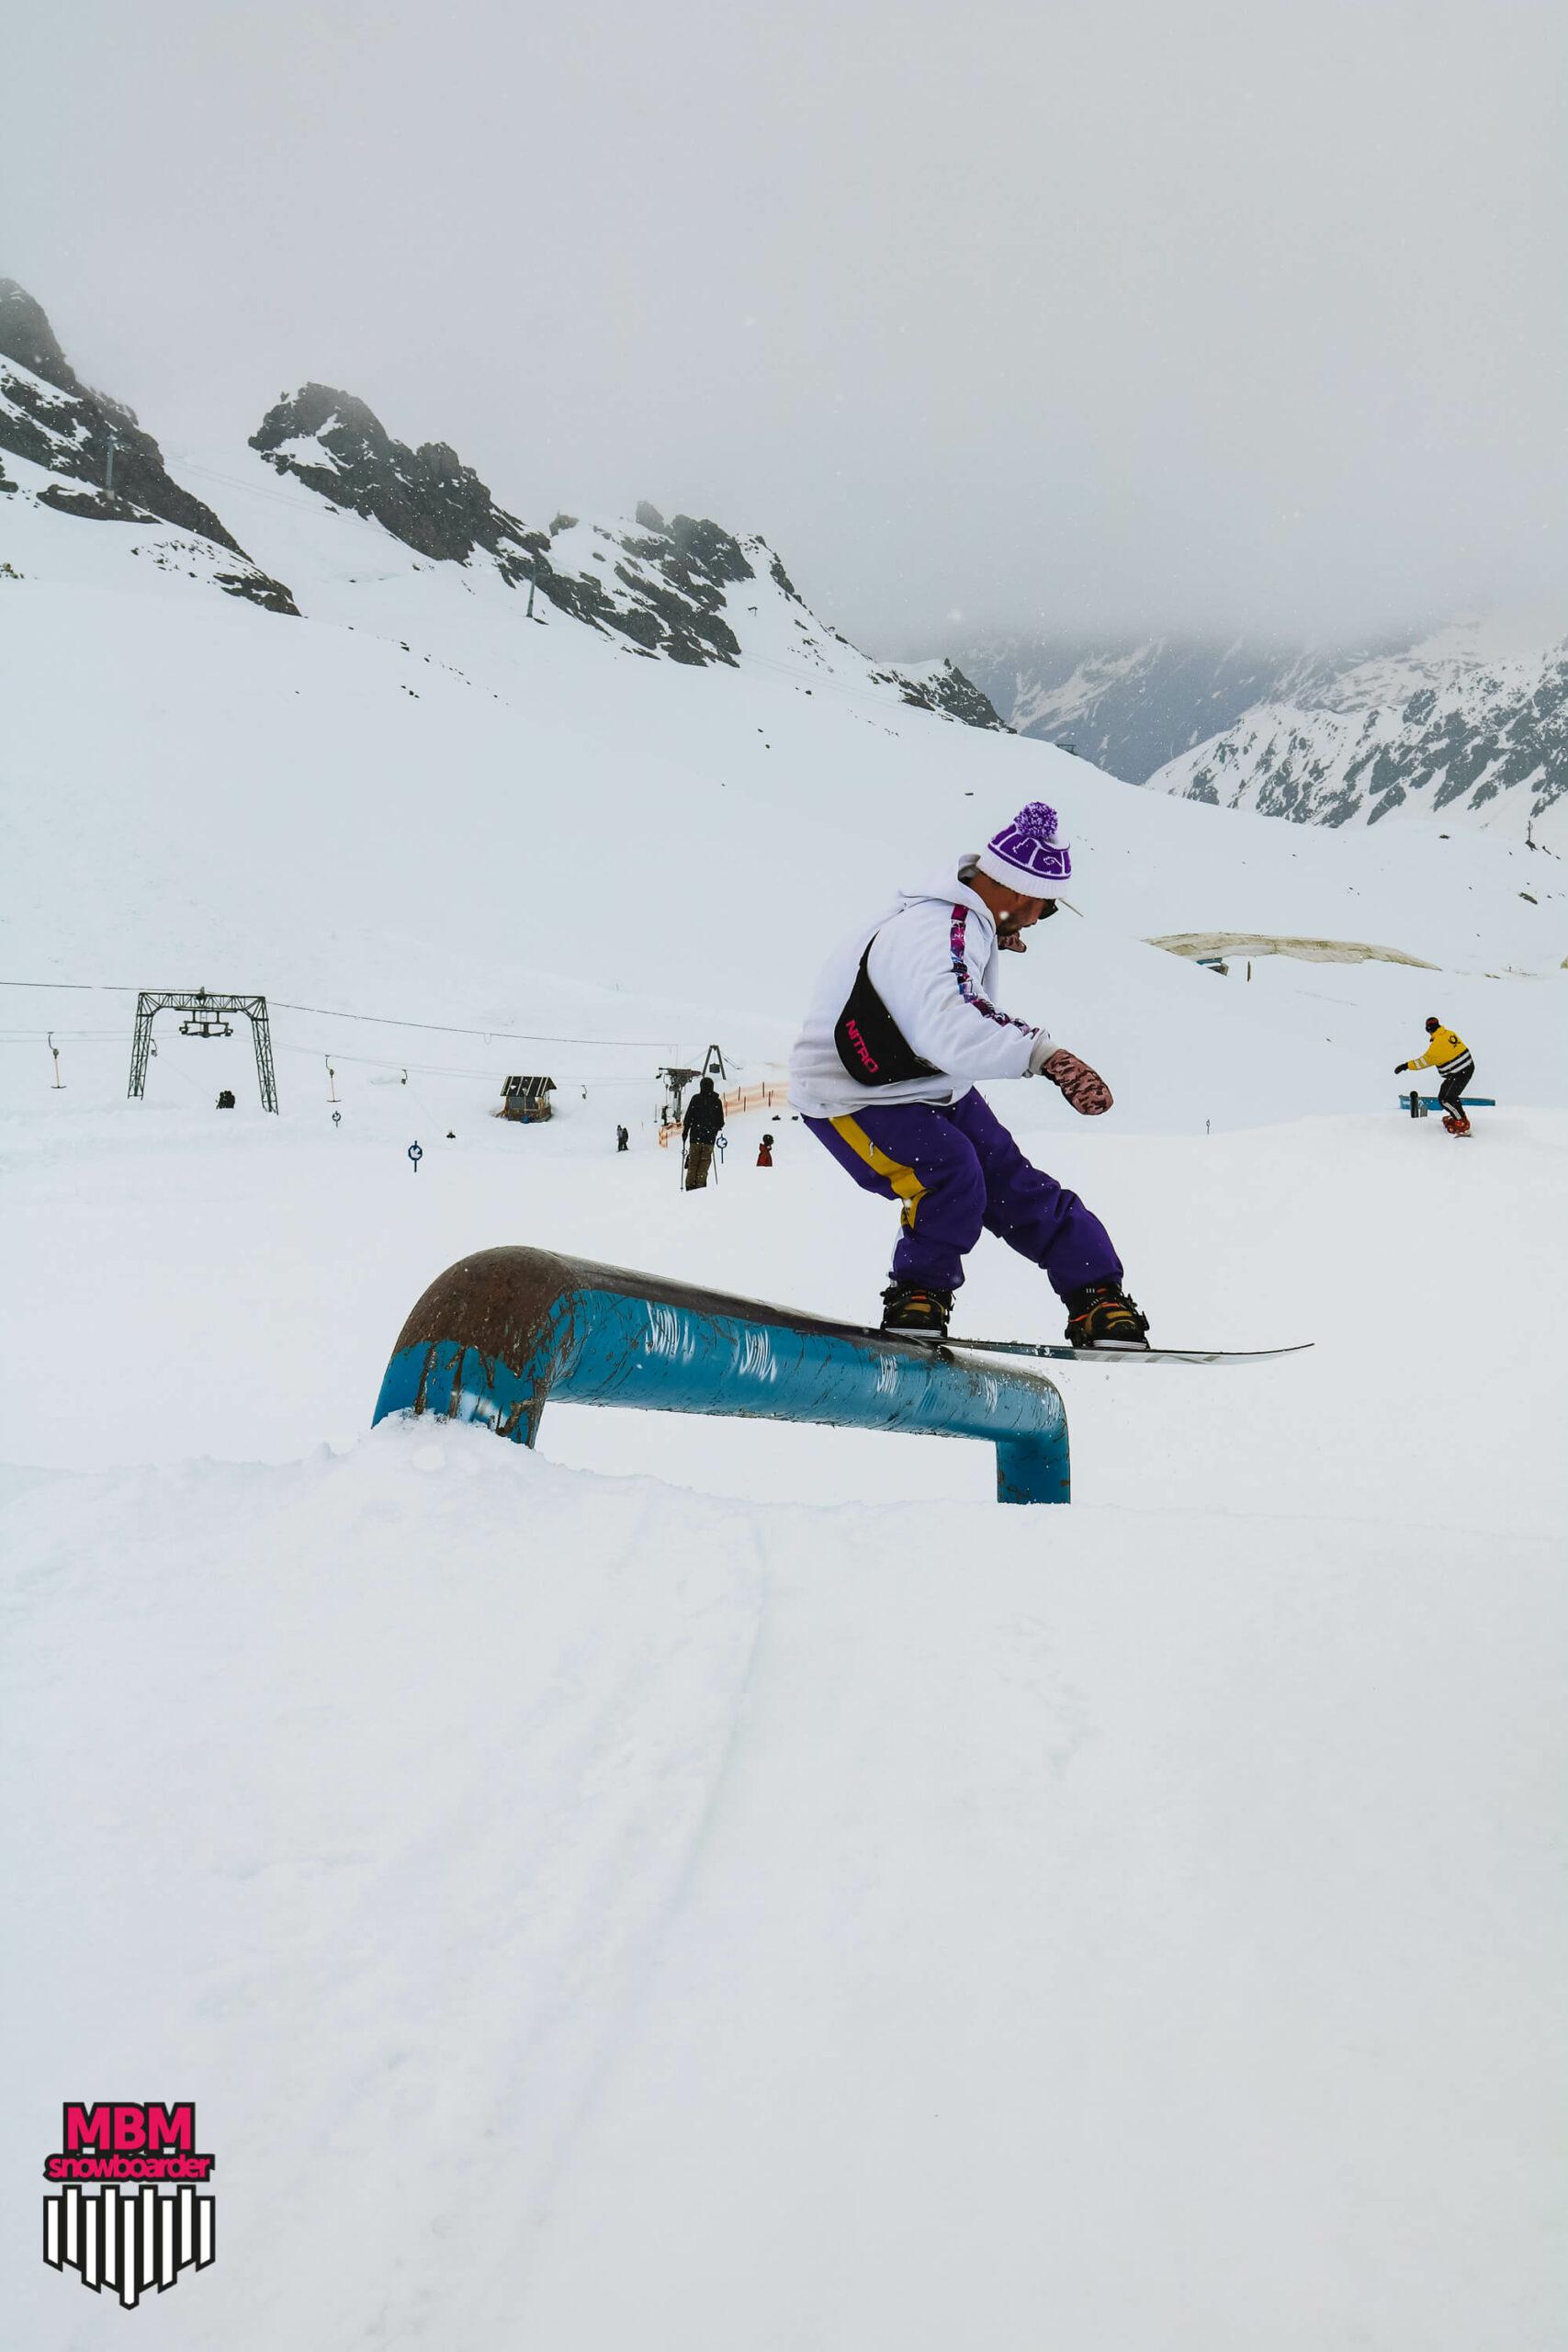 snowboarderMBM_sd_kaunertal_109